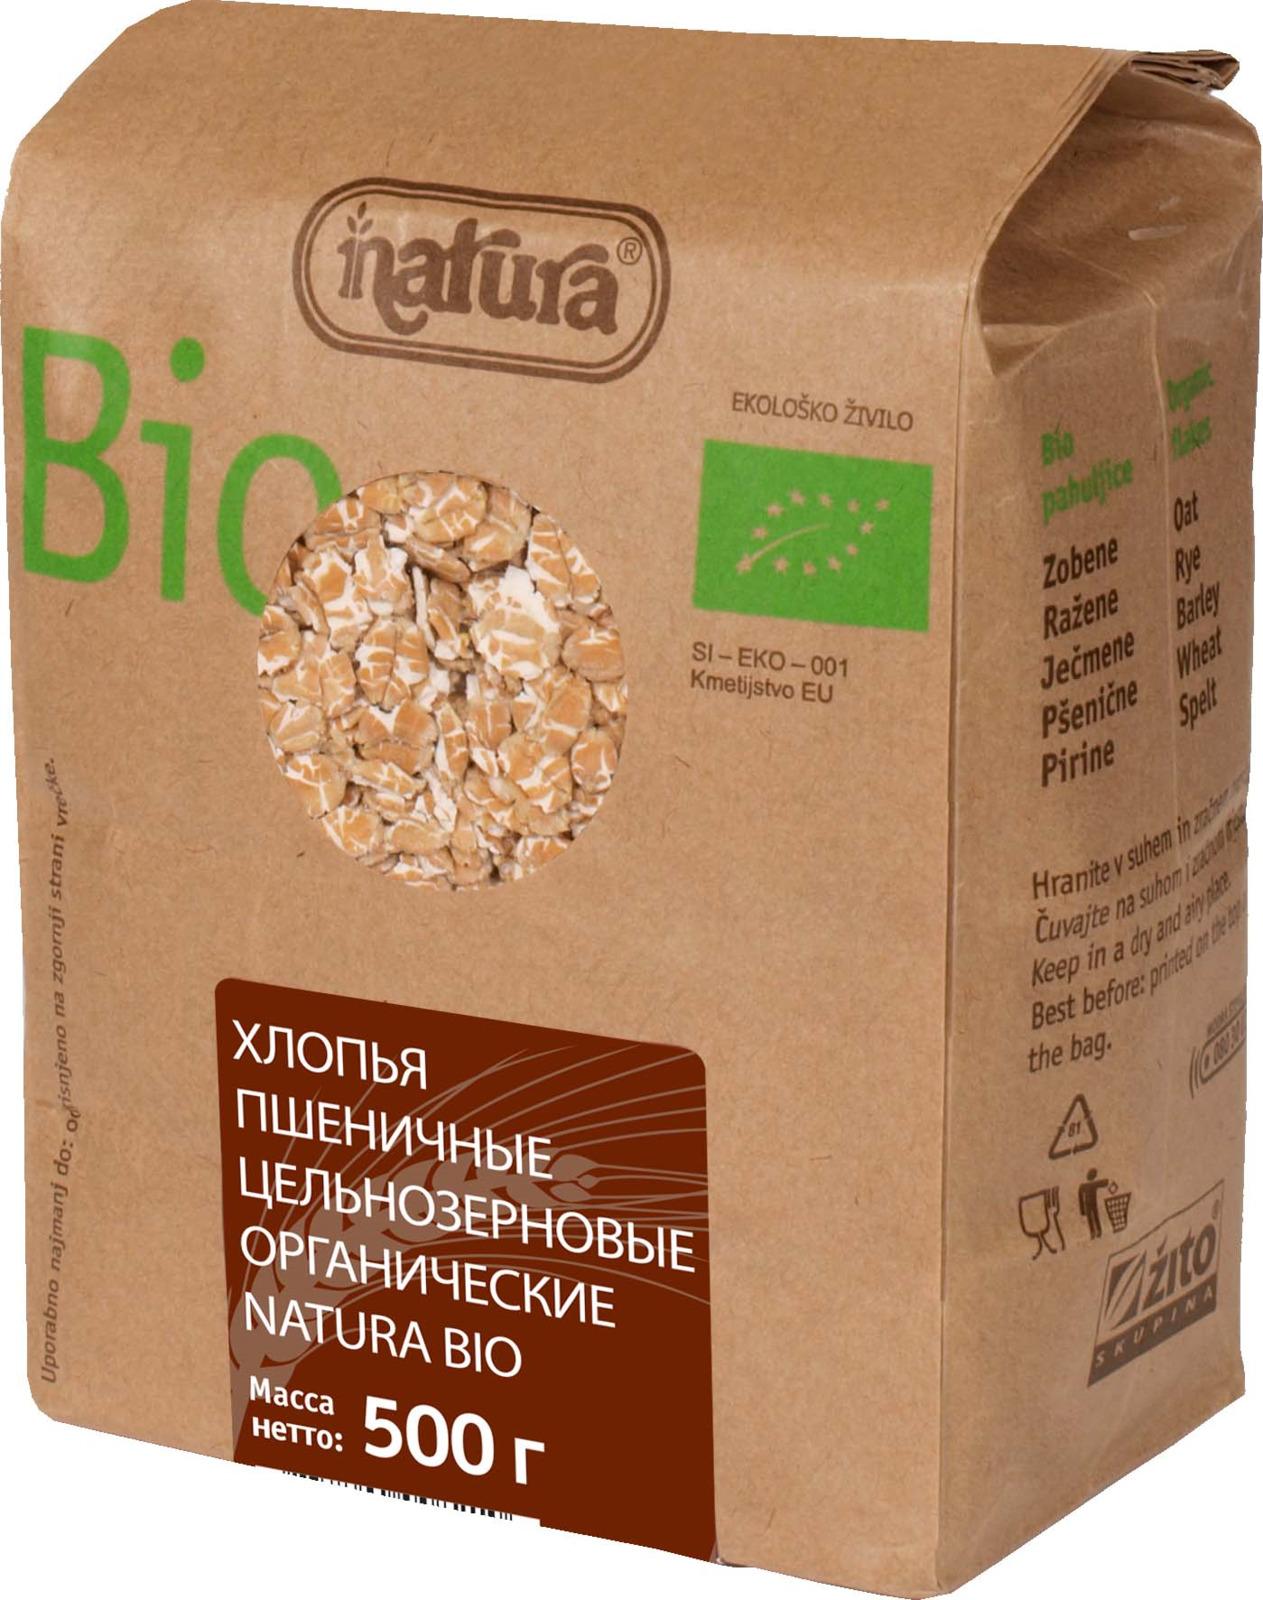 Zito Natura Bio Хлопья пшеничные цельнозерновые, 500 г